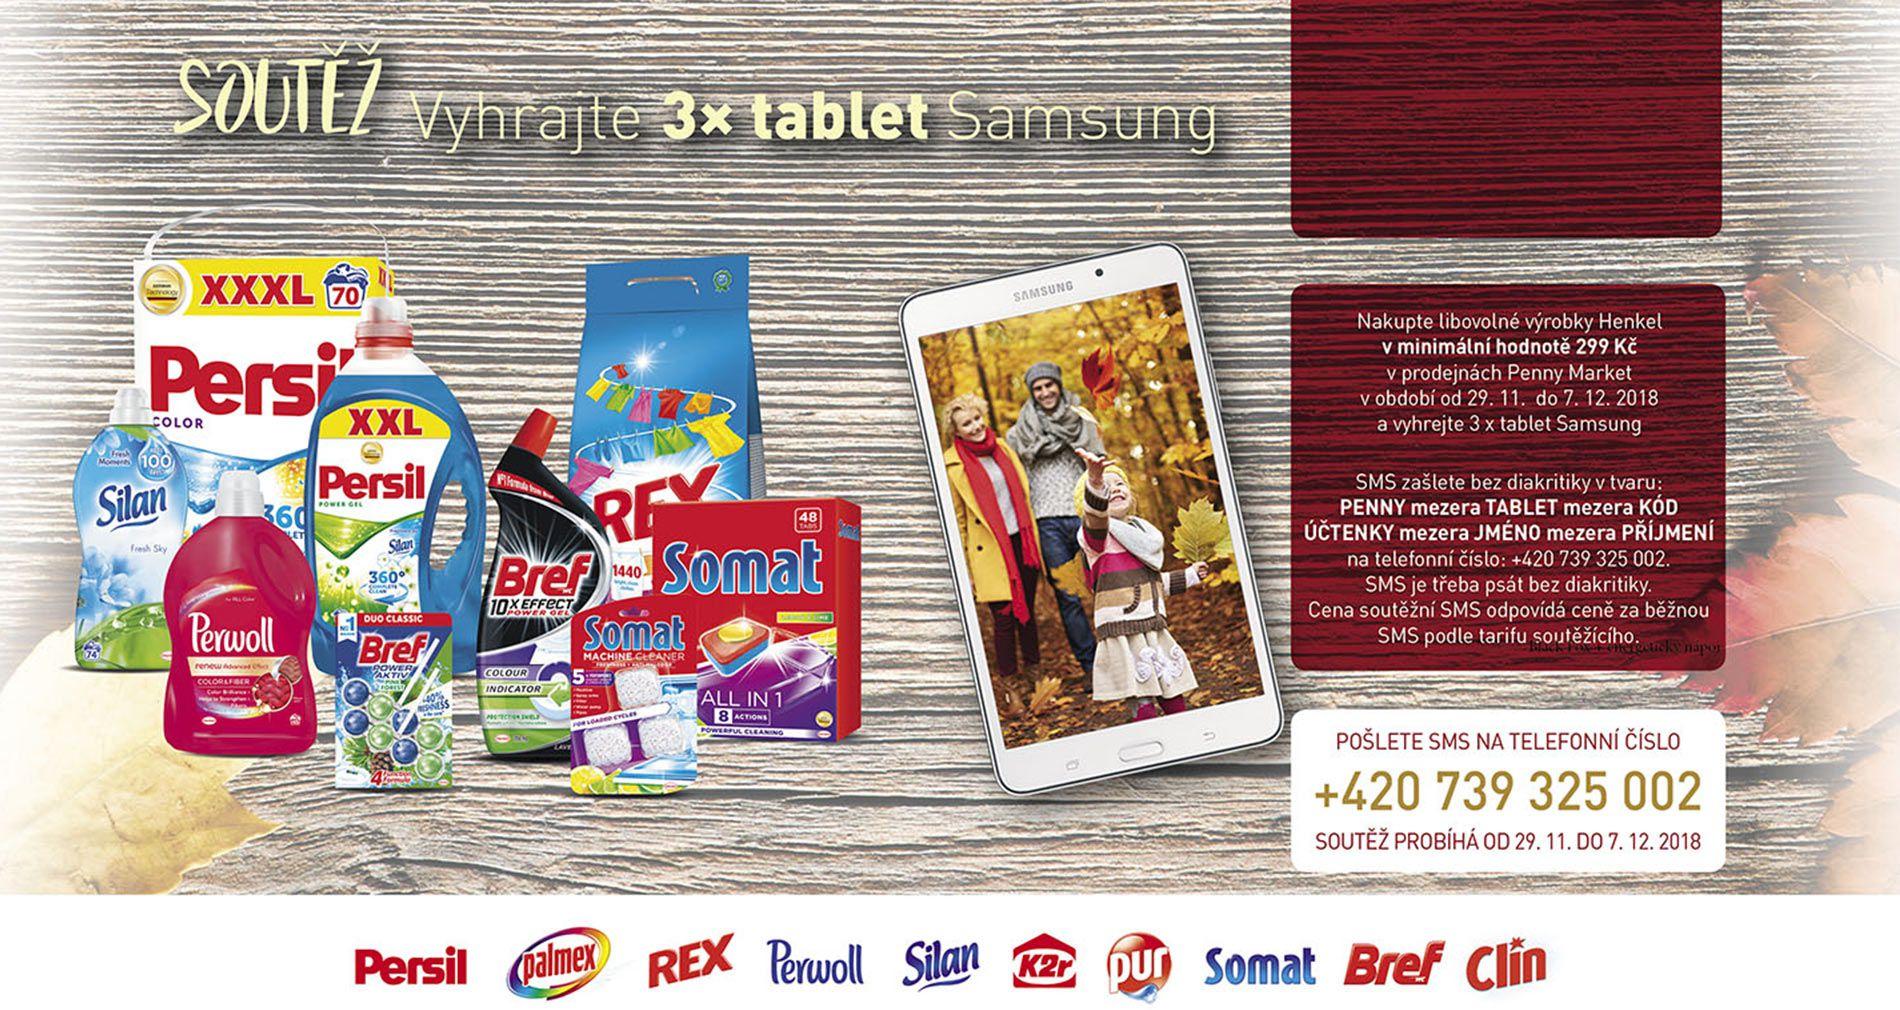 Penny – Soutez o tablet Samsung pozadi